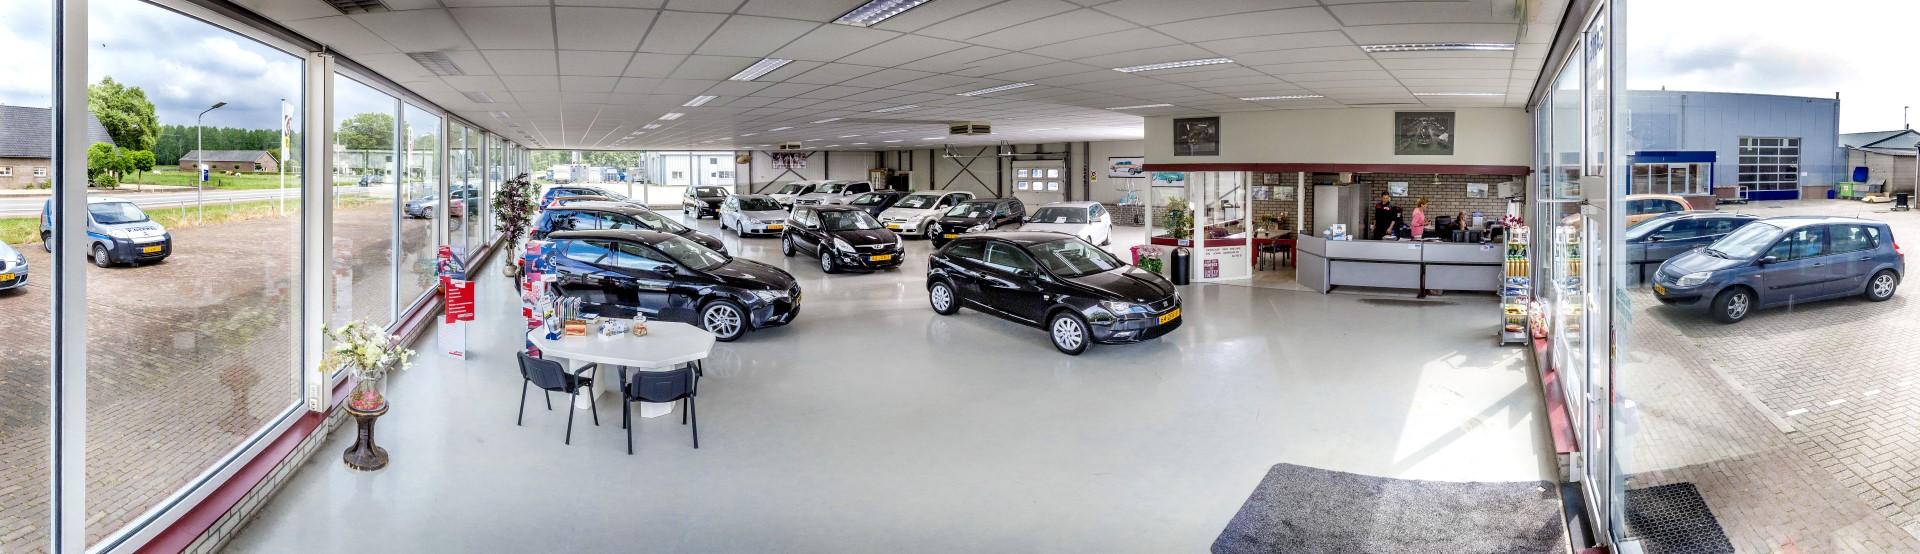 Autobedrijf P. Geerts BV - Showroom